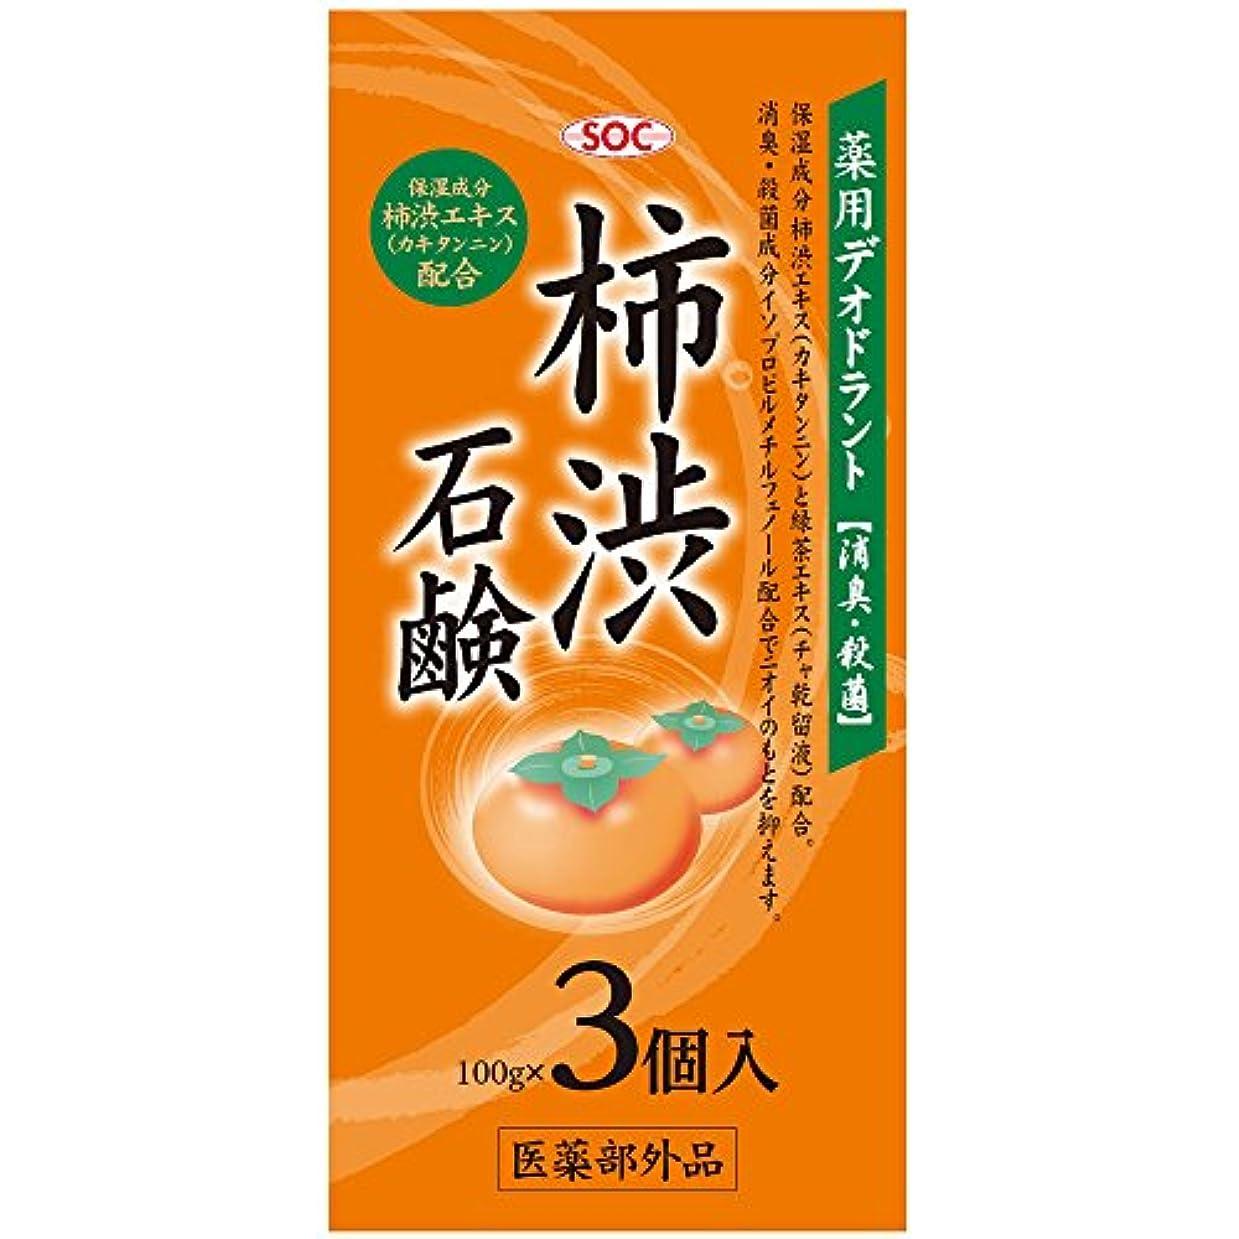 最も早い受け取る牧草地SOC 薬用柿渋石鹸 3P (100g×3)